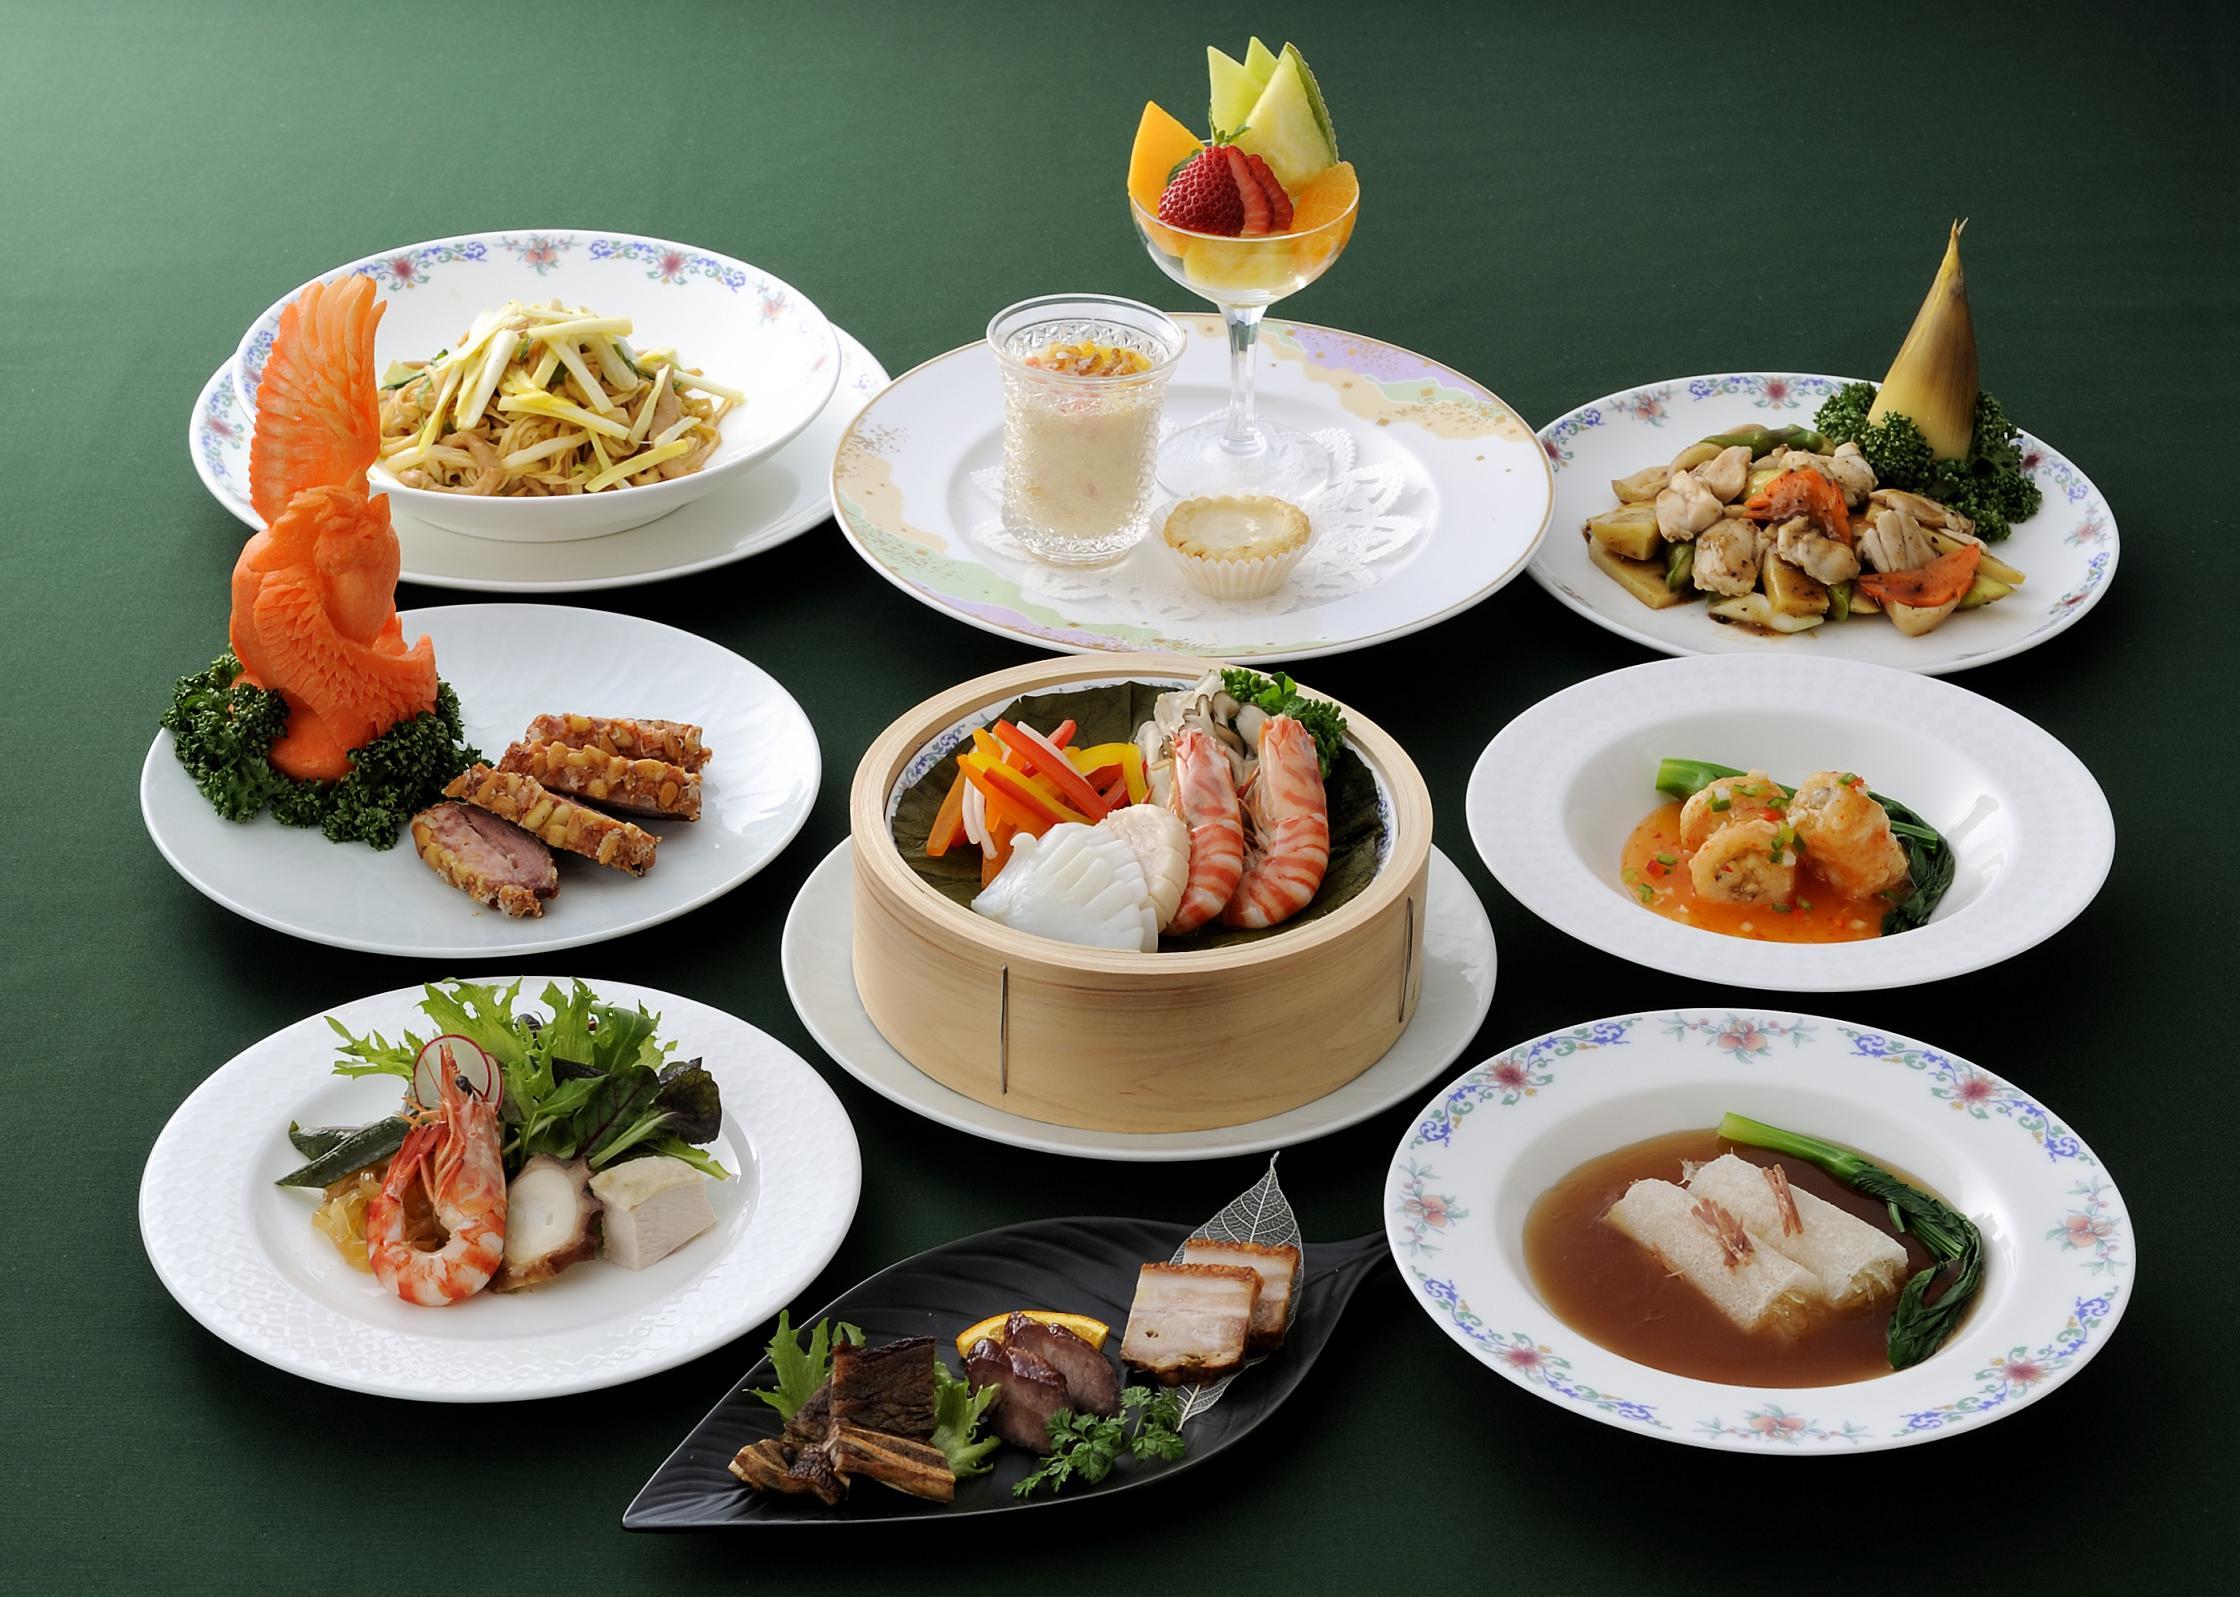 ディナー|中国料理 桃花林| 東京のレストランな …